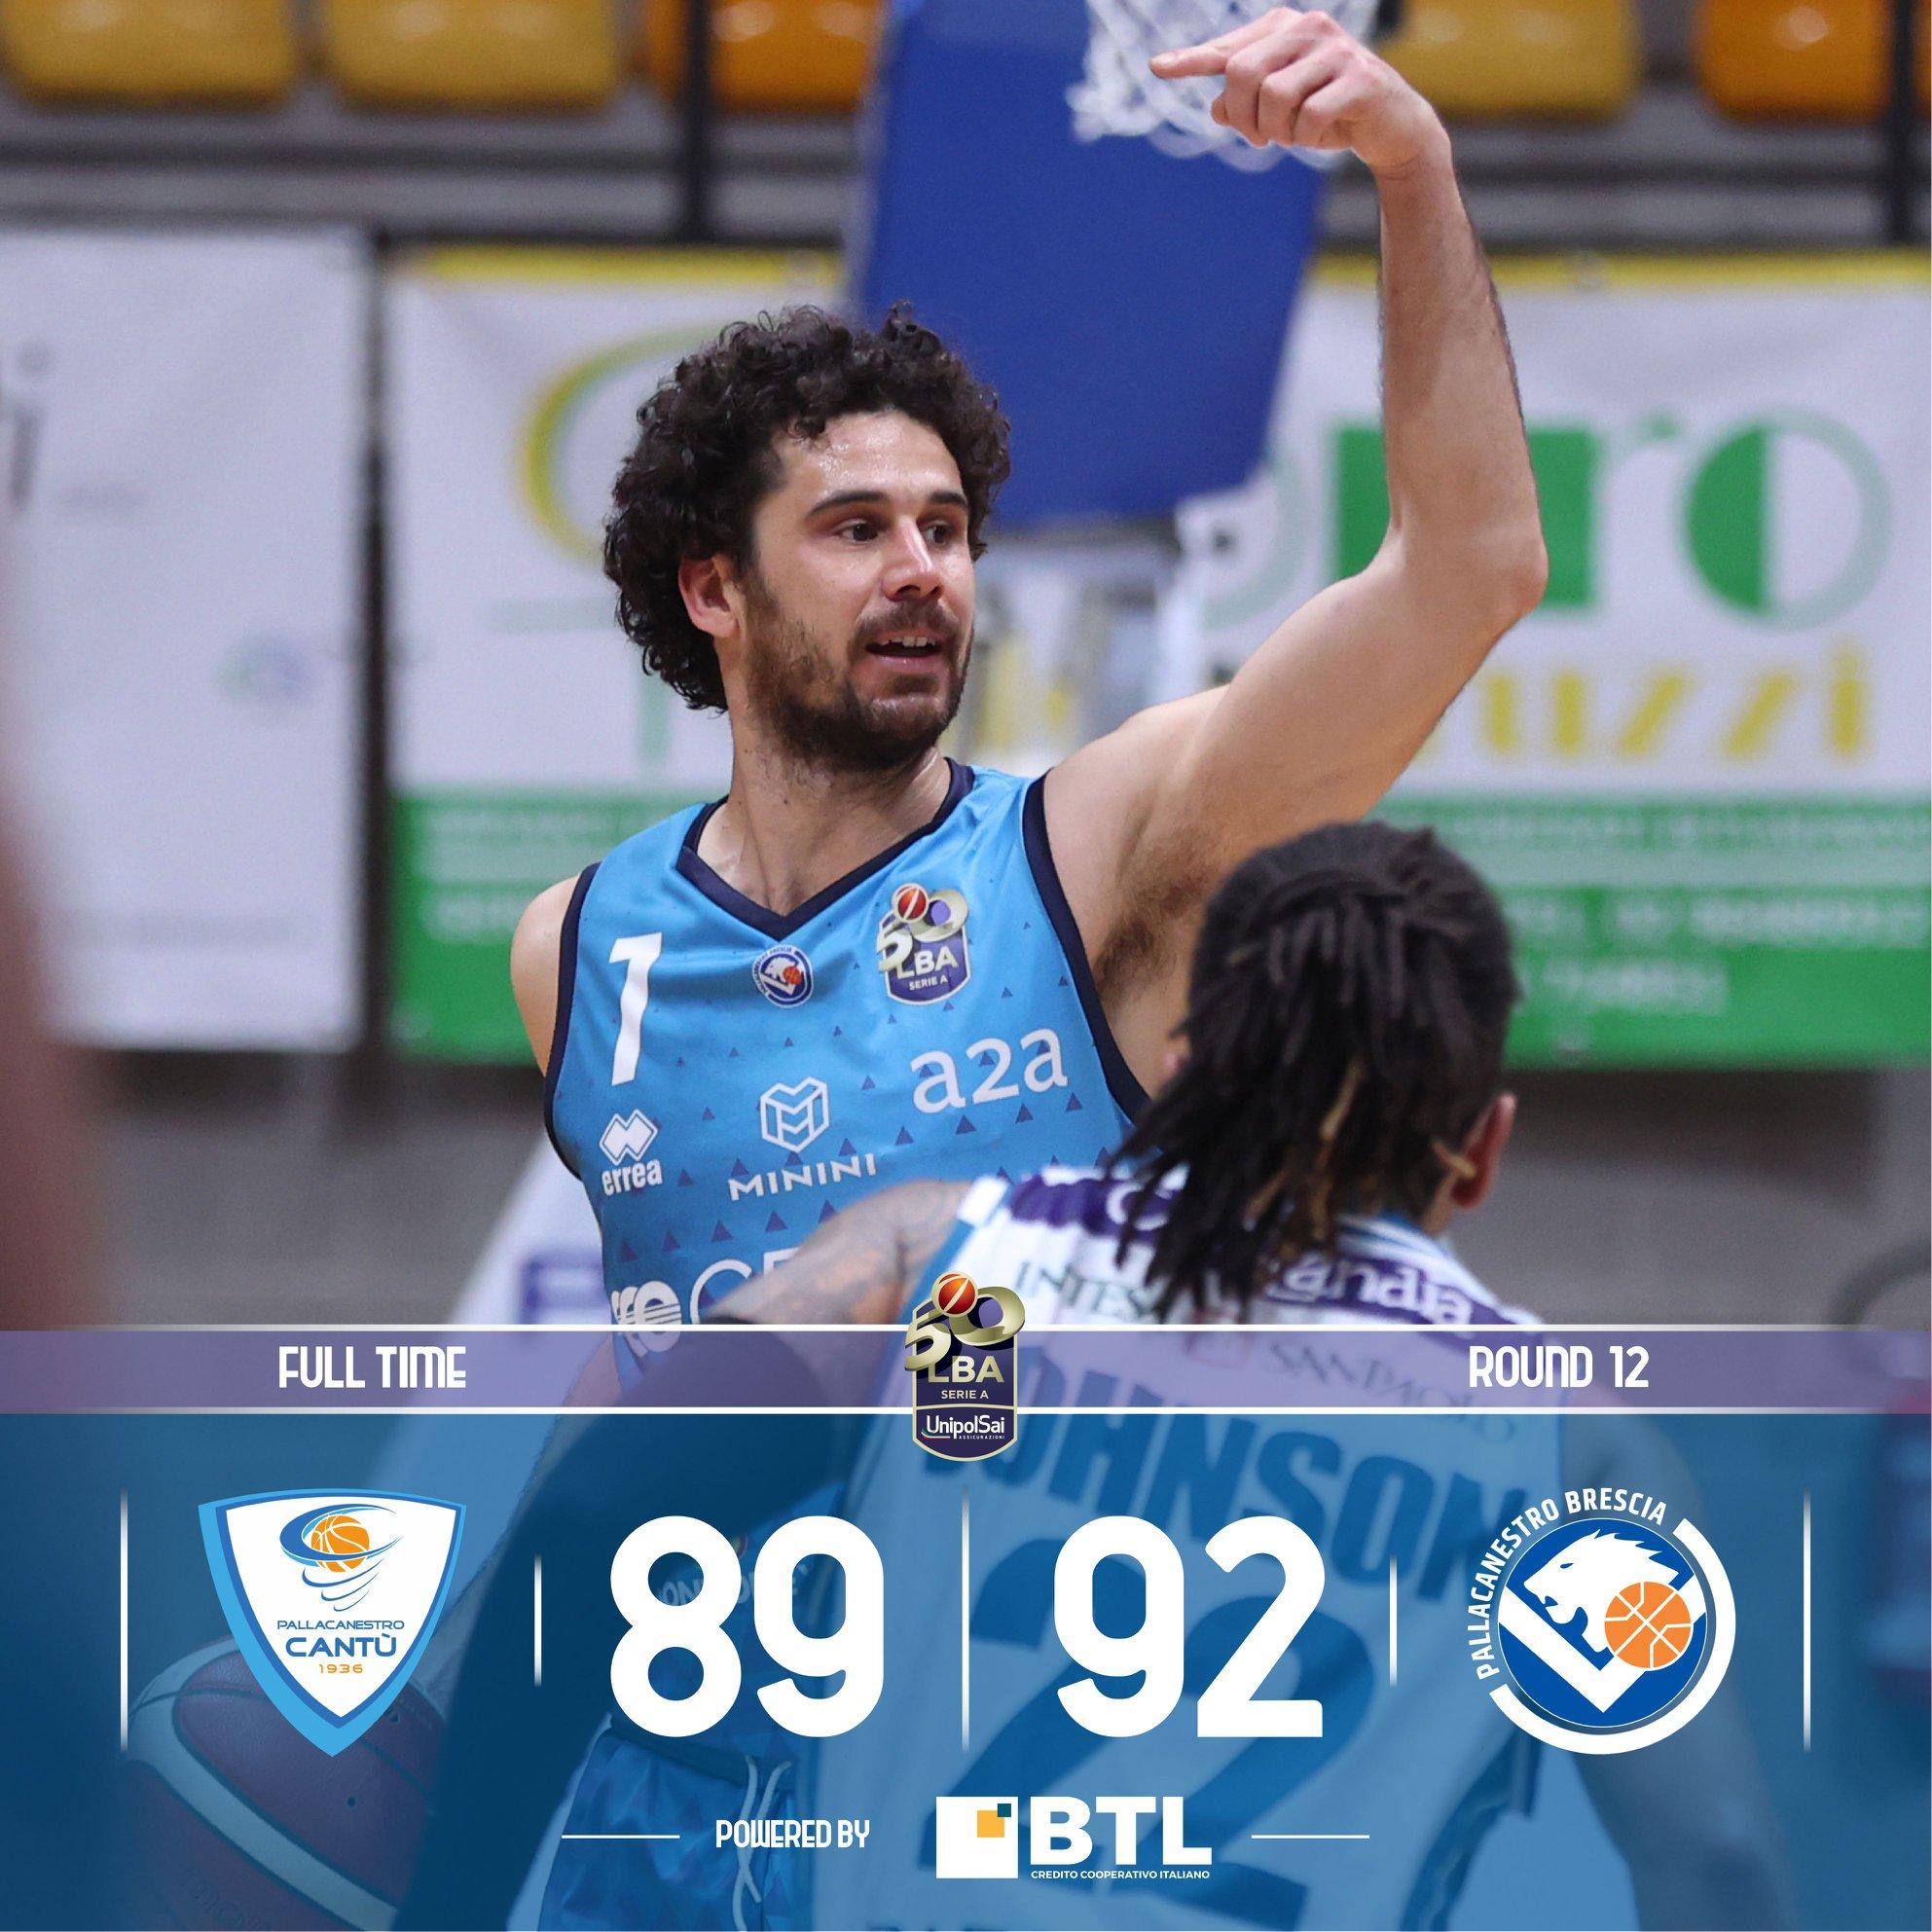 LBA UnipolSai 2020-21 12^ giornata: Cantù suona il Jazz, ma è Brescia a cantar vittoria all'overtime.